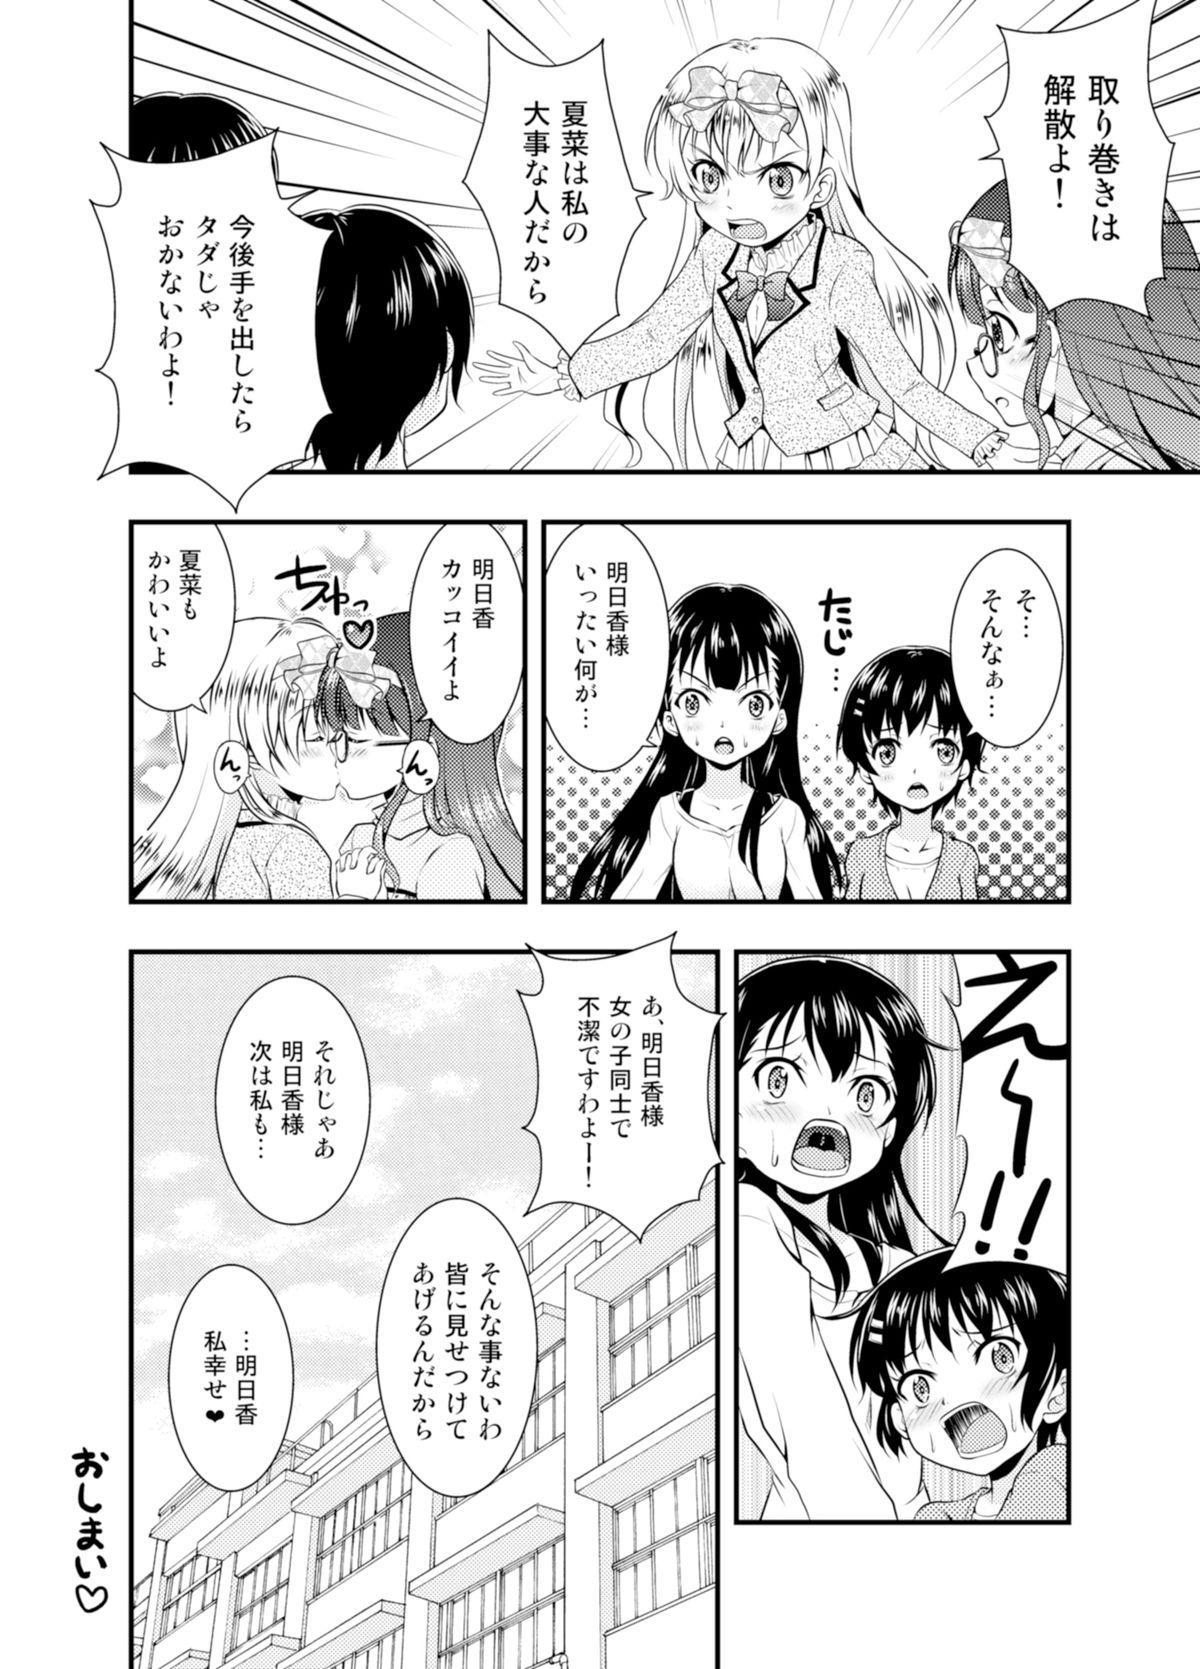 Anata o Sukida to Sakebitai 27